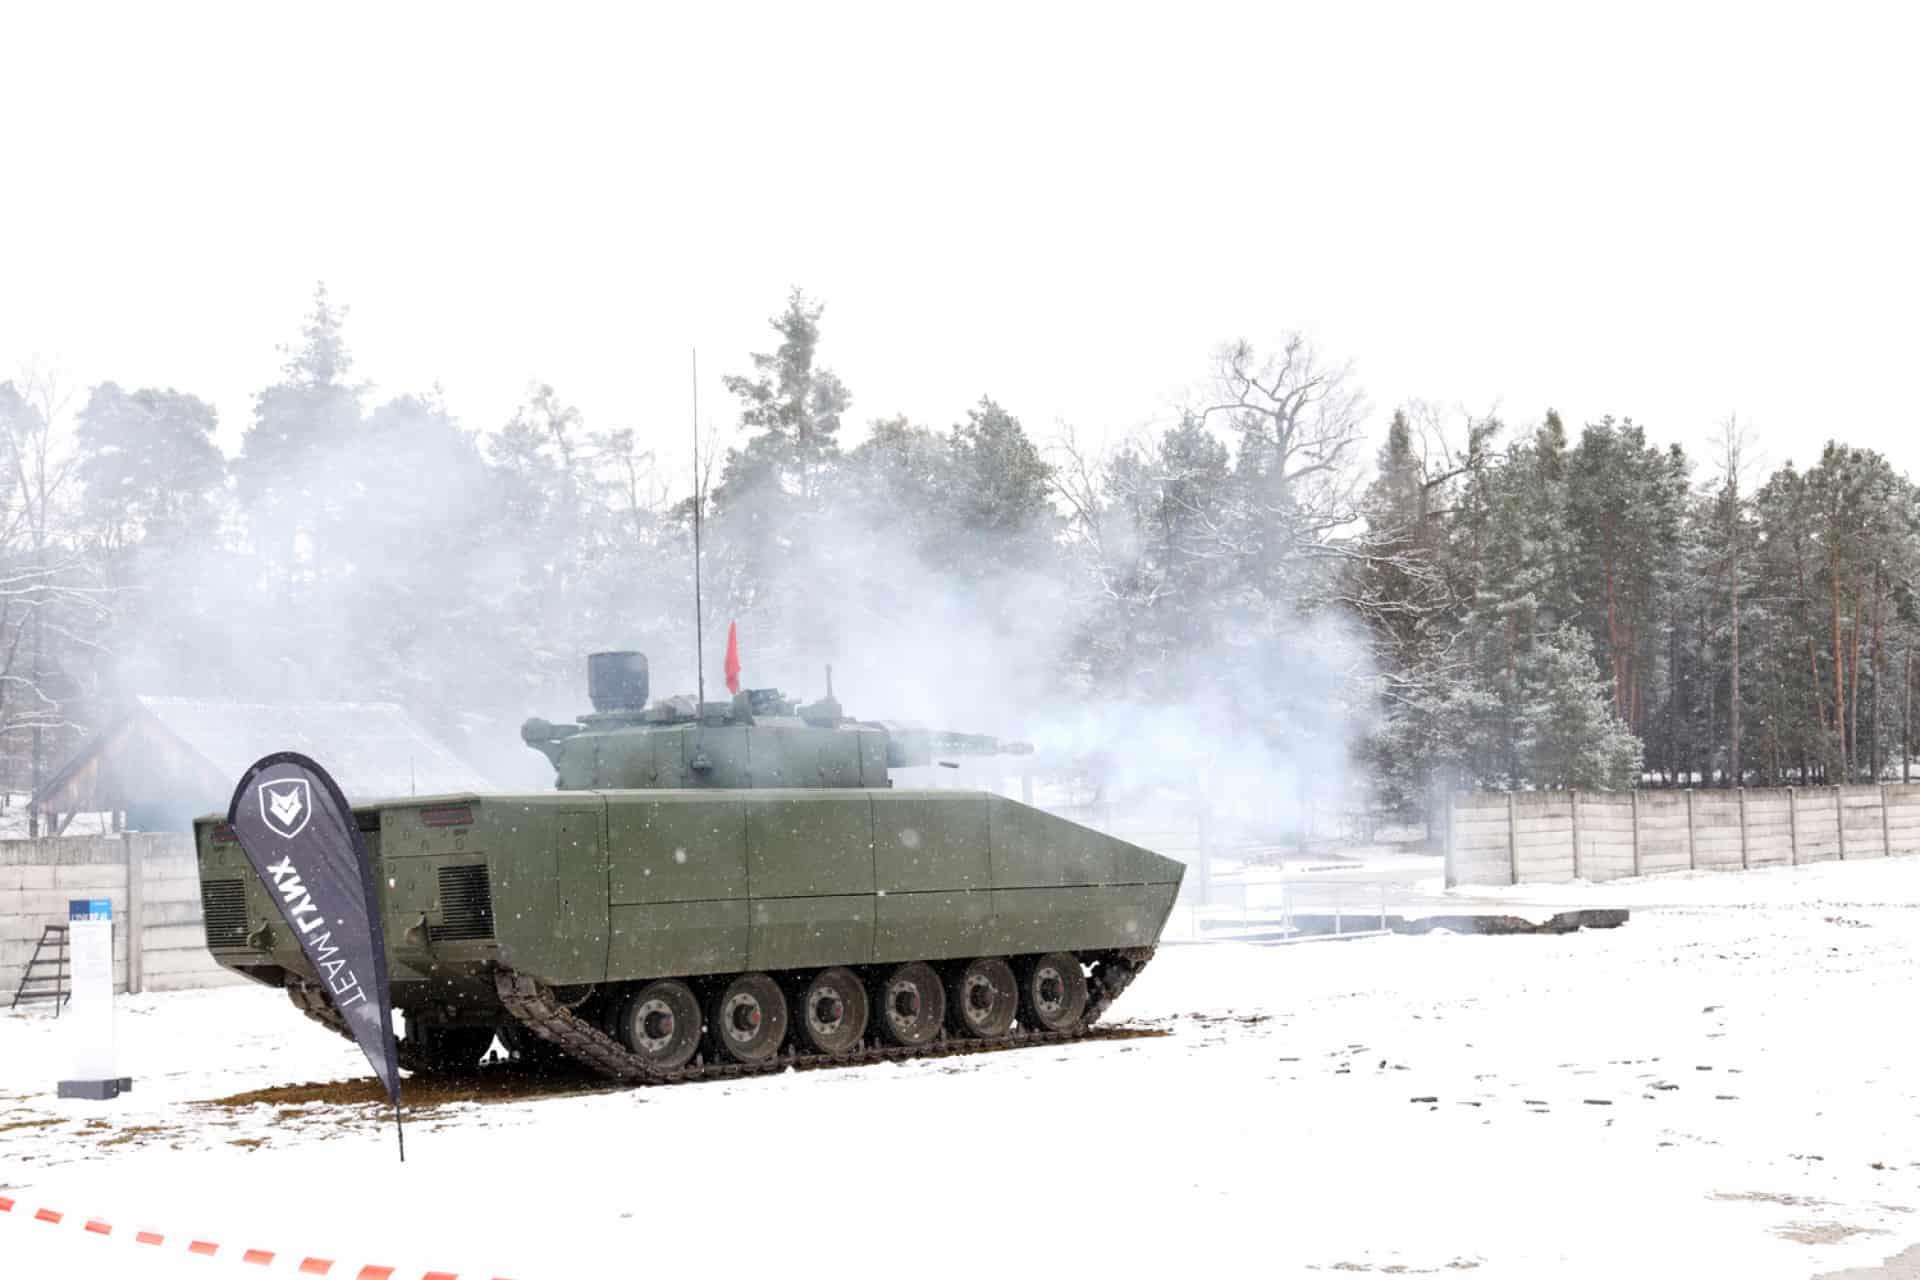 Демонстрація LYNX KF41 від німецької компанії Rheinmetall AG для словацьких військових